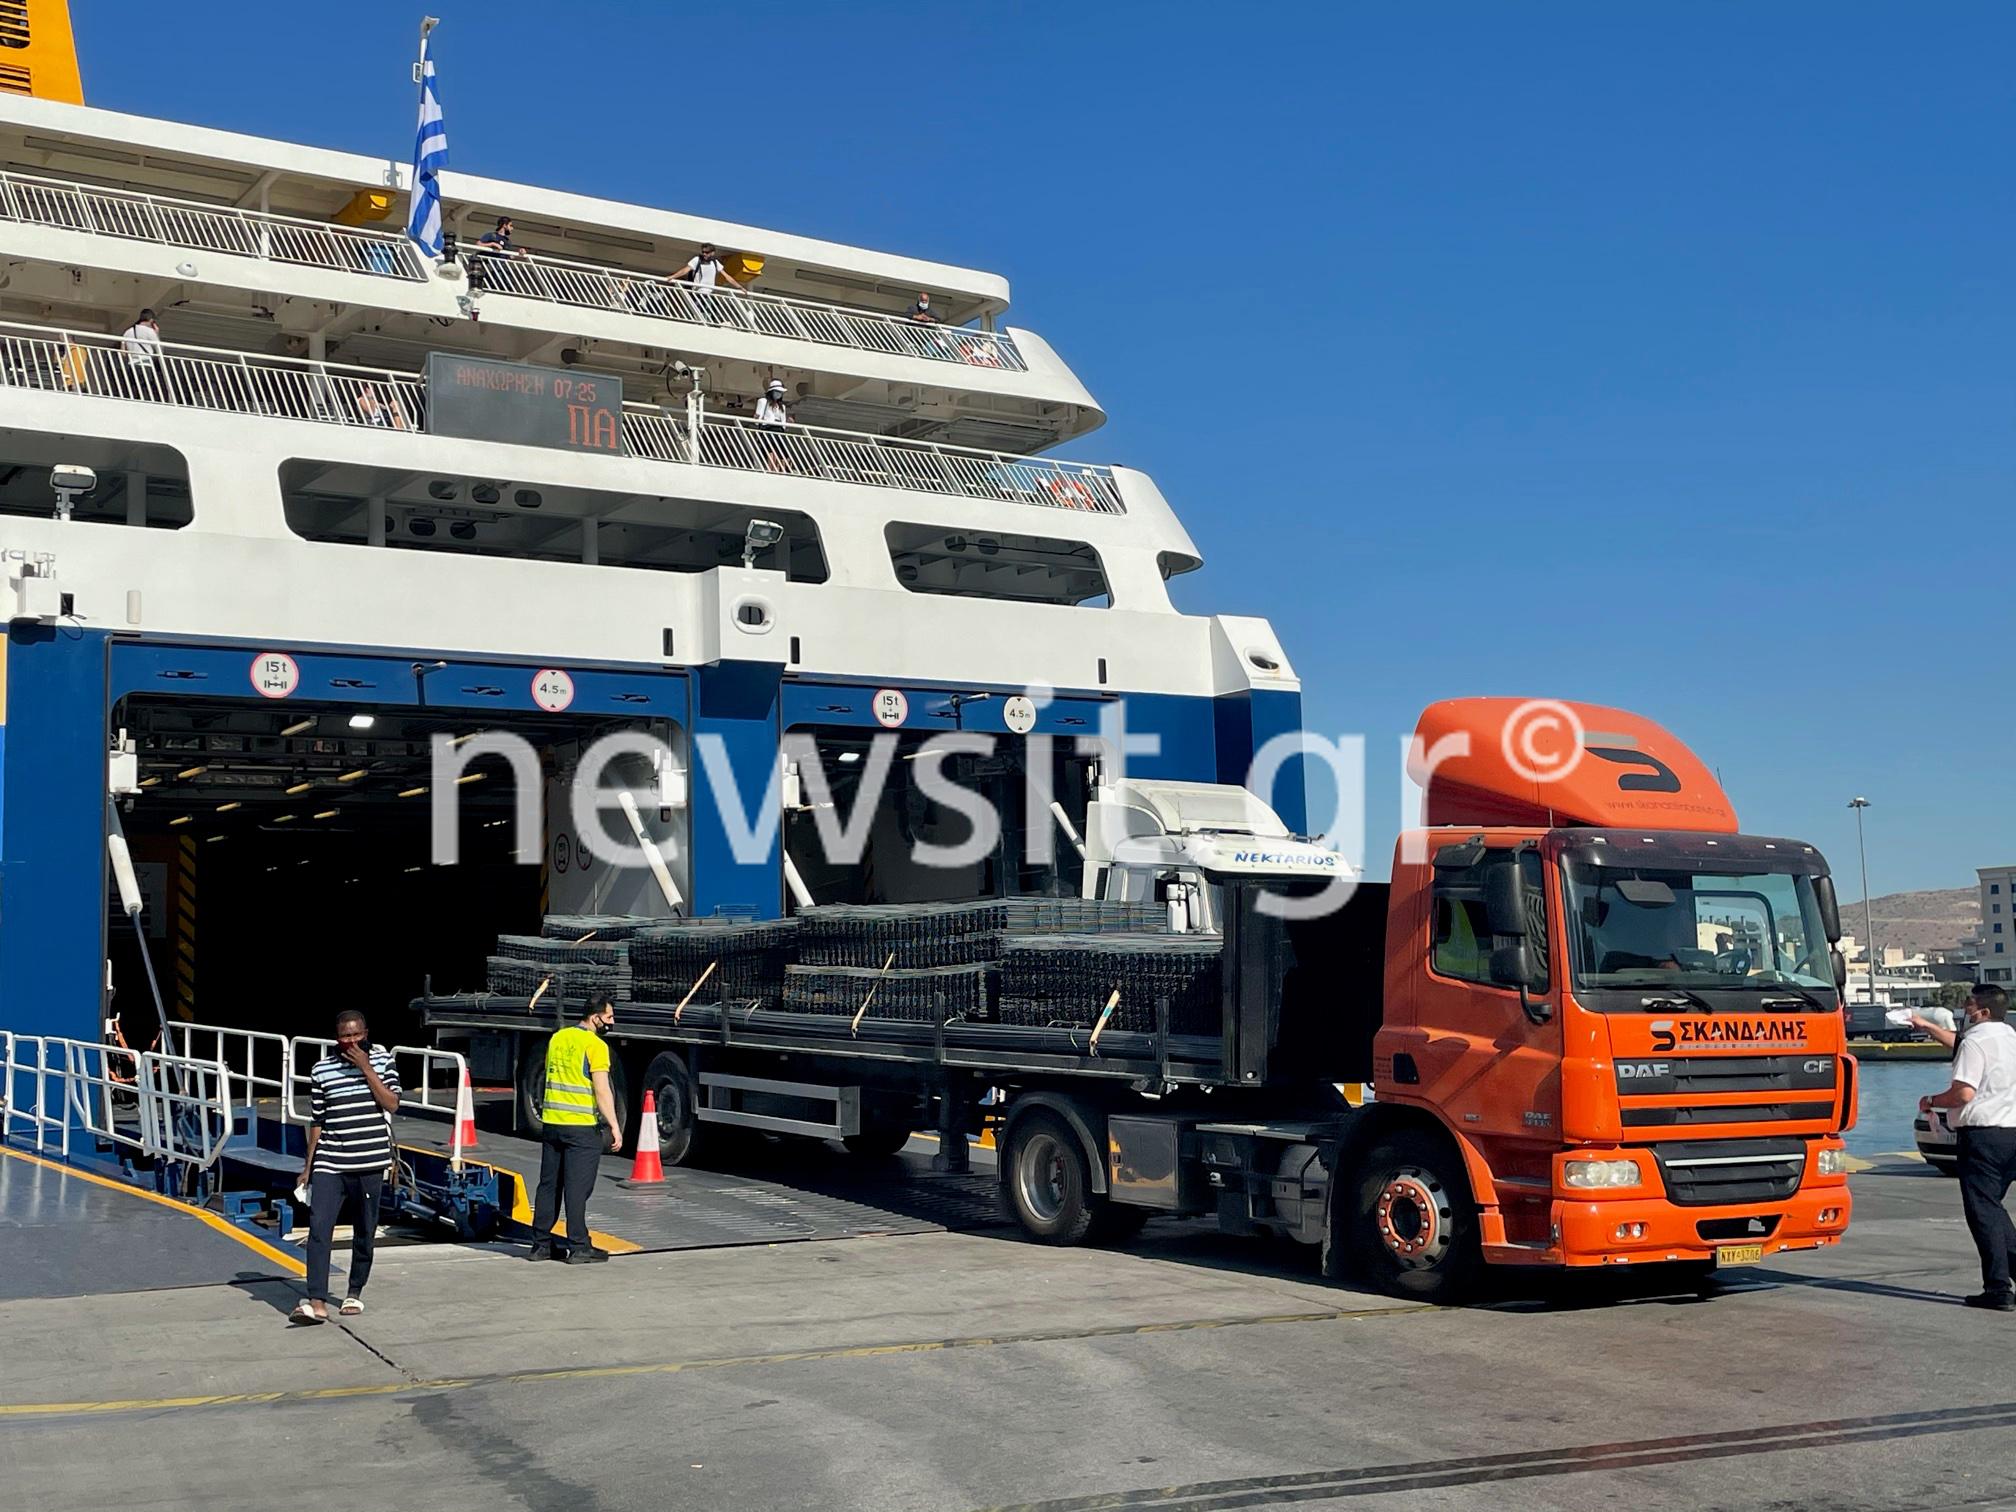 Ανεστάλη η απεργία στα πλοία – Έκανε πίσω η ΠΕΝΕΝ (pics, video)